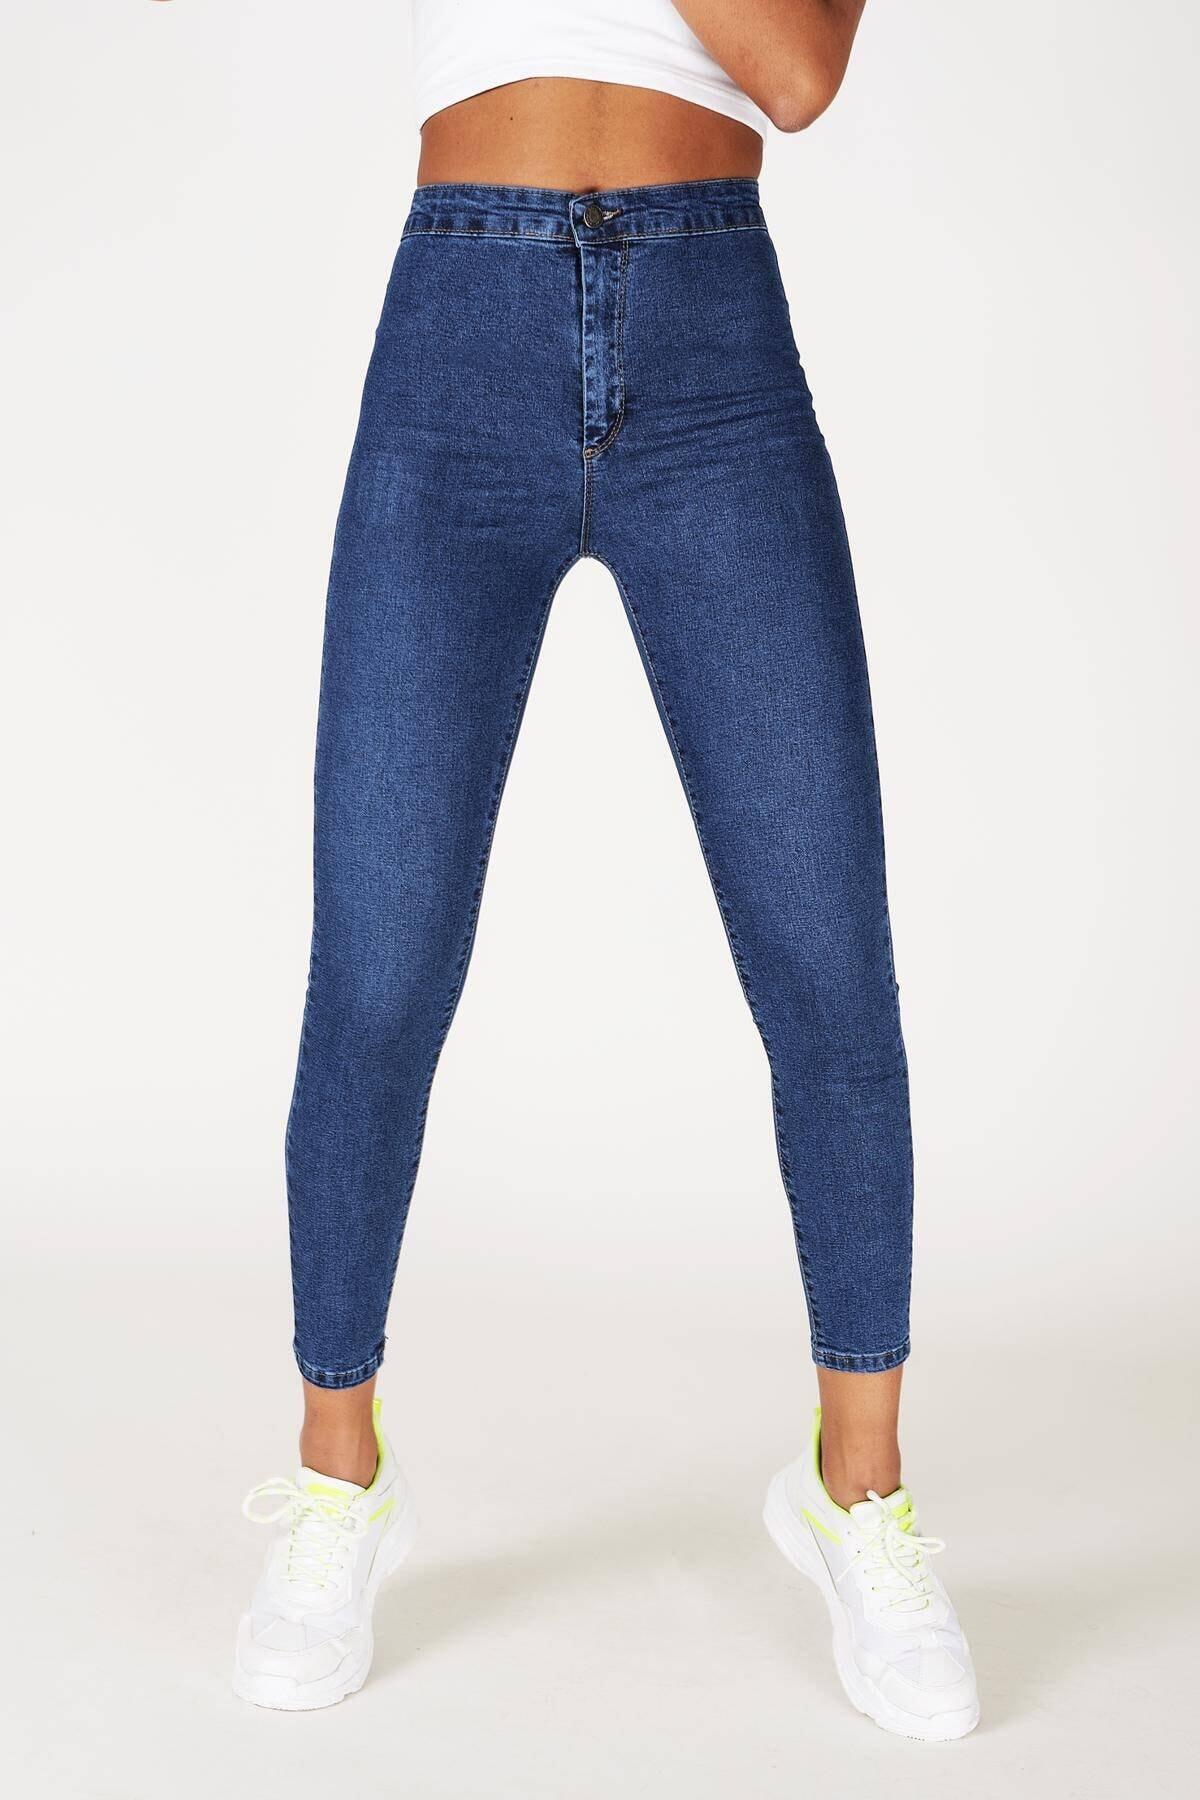 Addax Kadın Kot Rengi Yüksek Bel Pantolon Pn11178 - Pnu ADX-0000016107